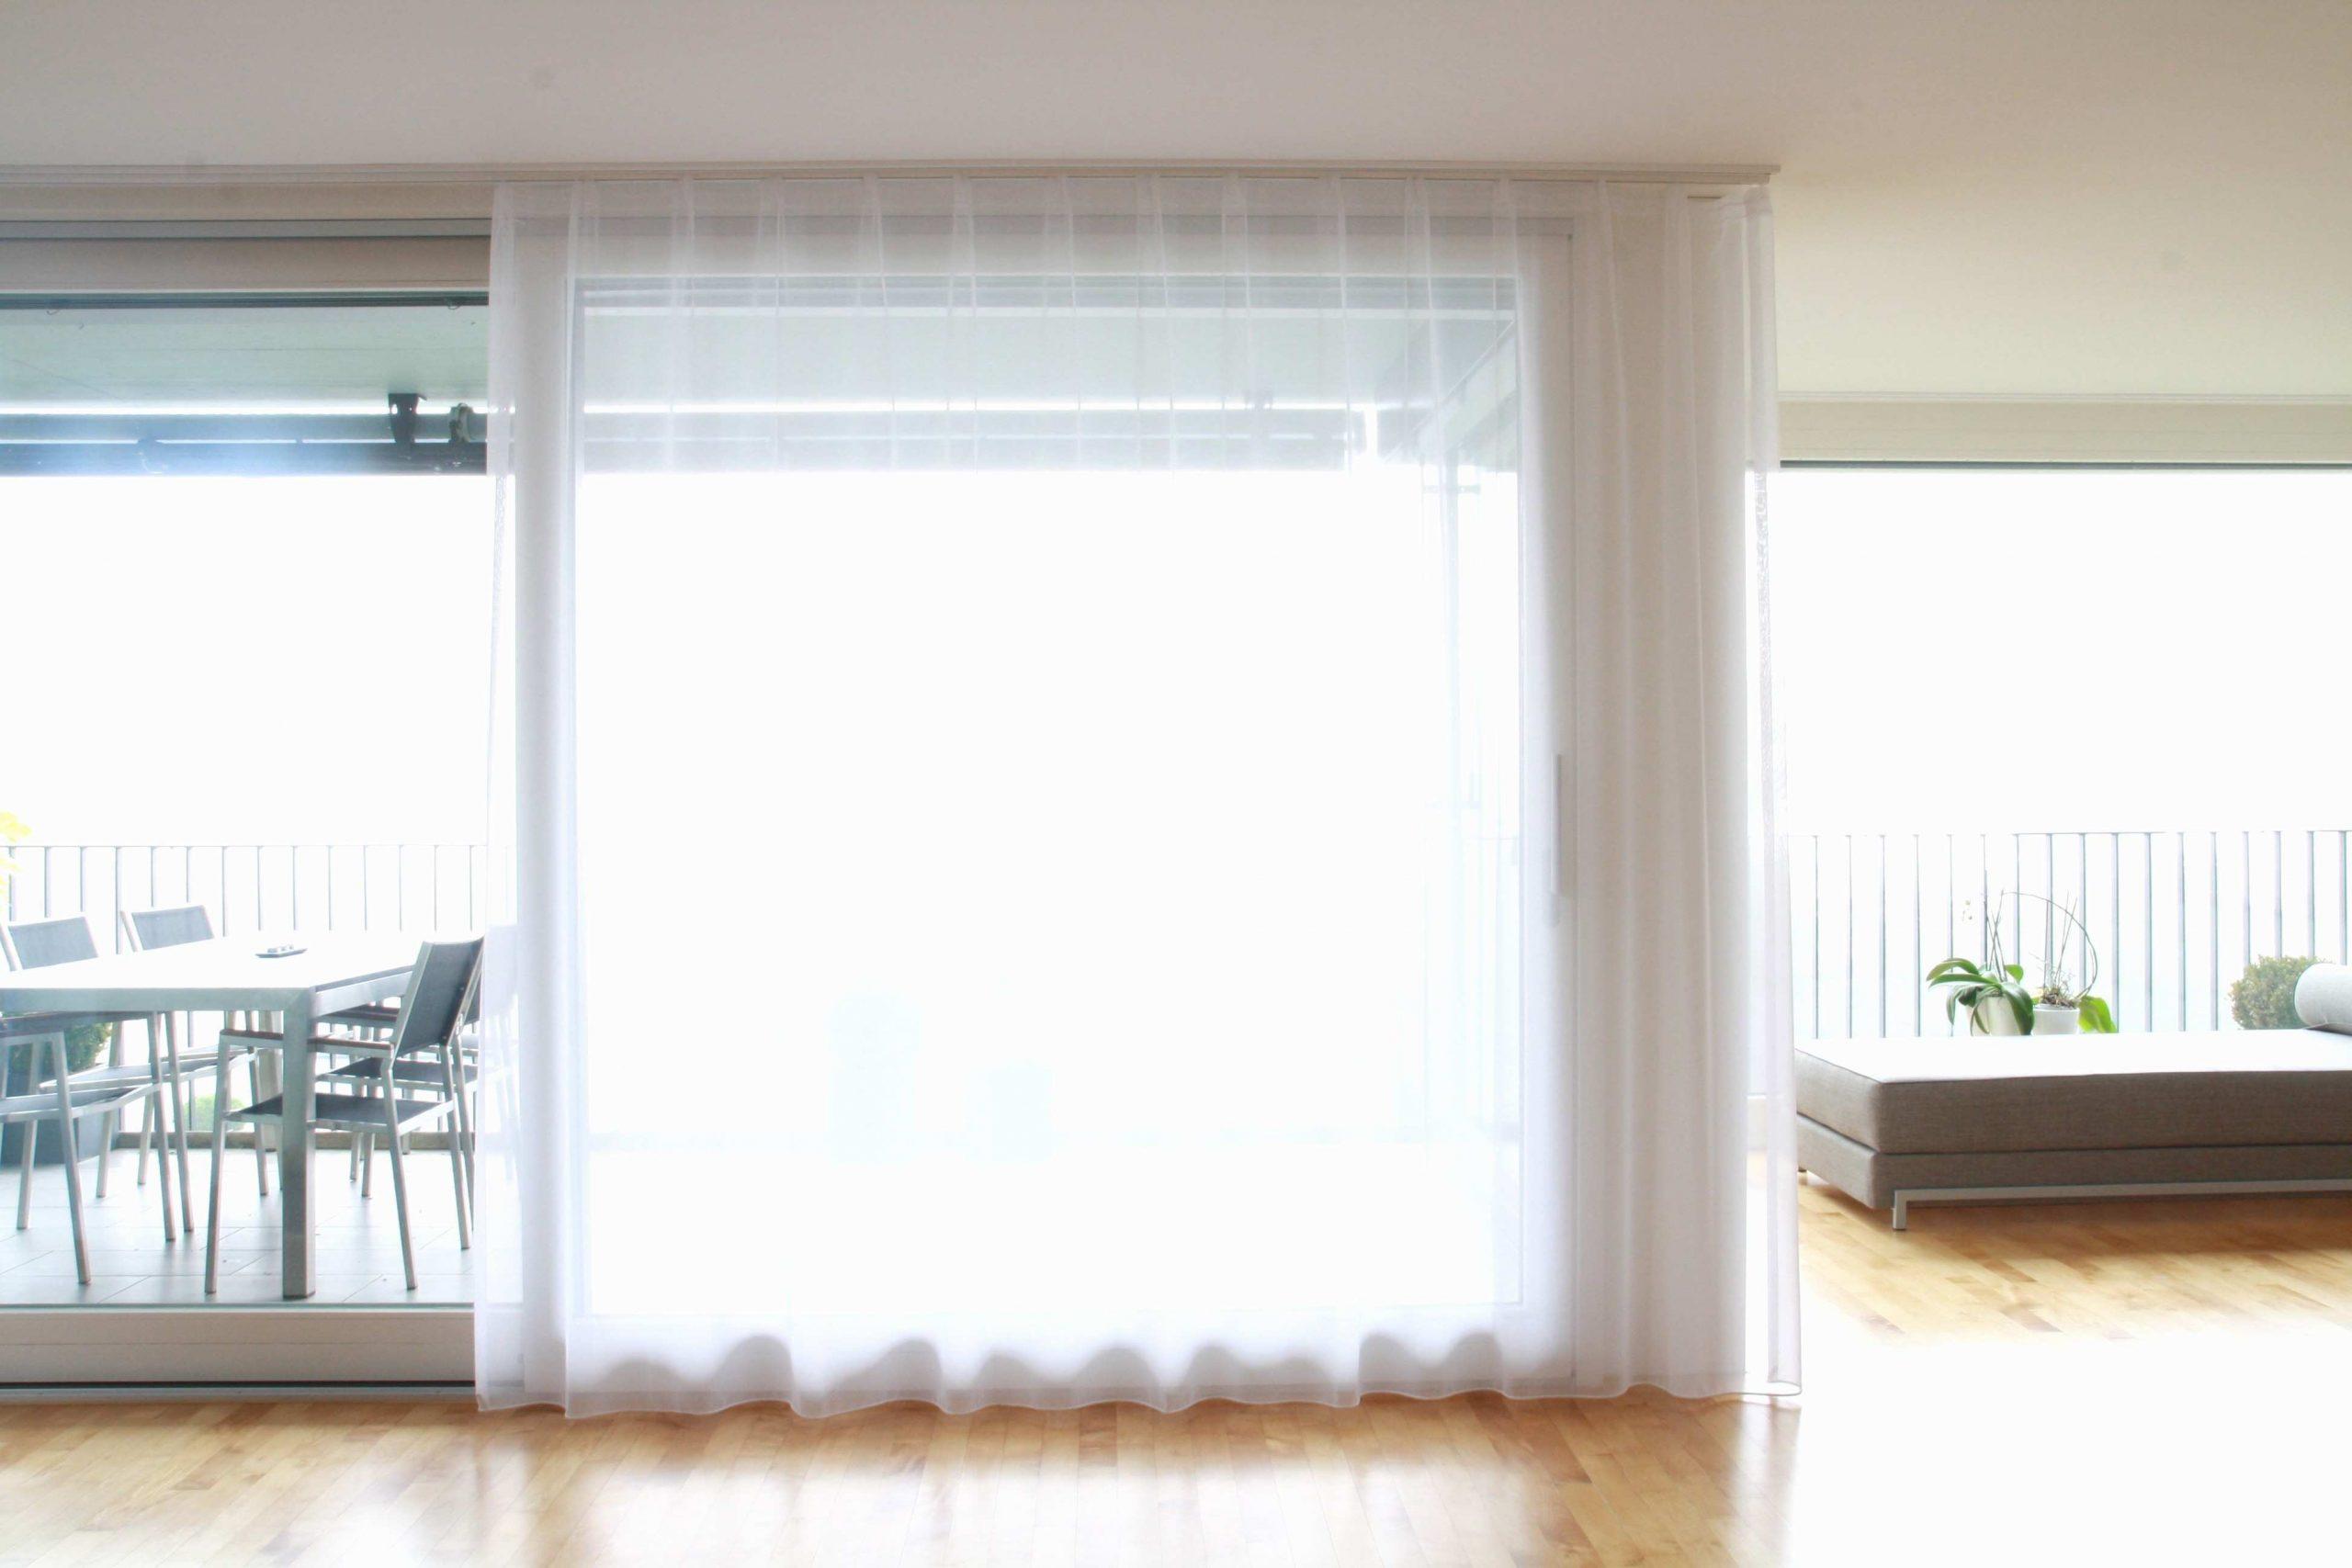 Full Size of Fenster Gardinen Veka Einbruchsicher Austauschen Kosten Drutex Sichtschutz Für Klebefolie 3 Fach Verglasung Wohnzimmer Dreifachverglasung Schlafzimmer Fenster Fenster Gardinen